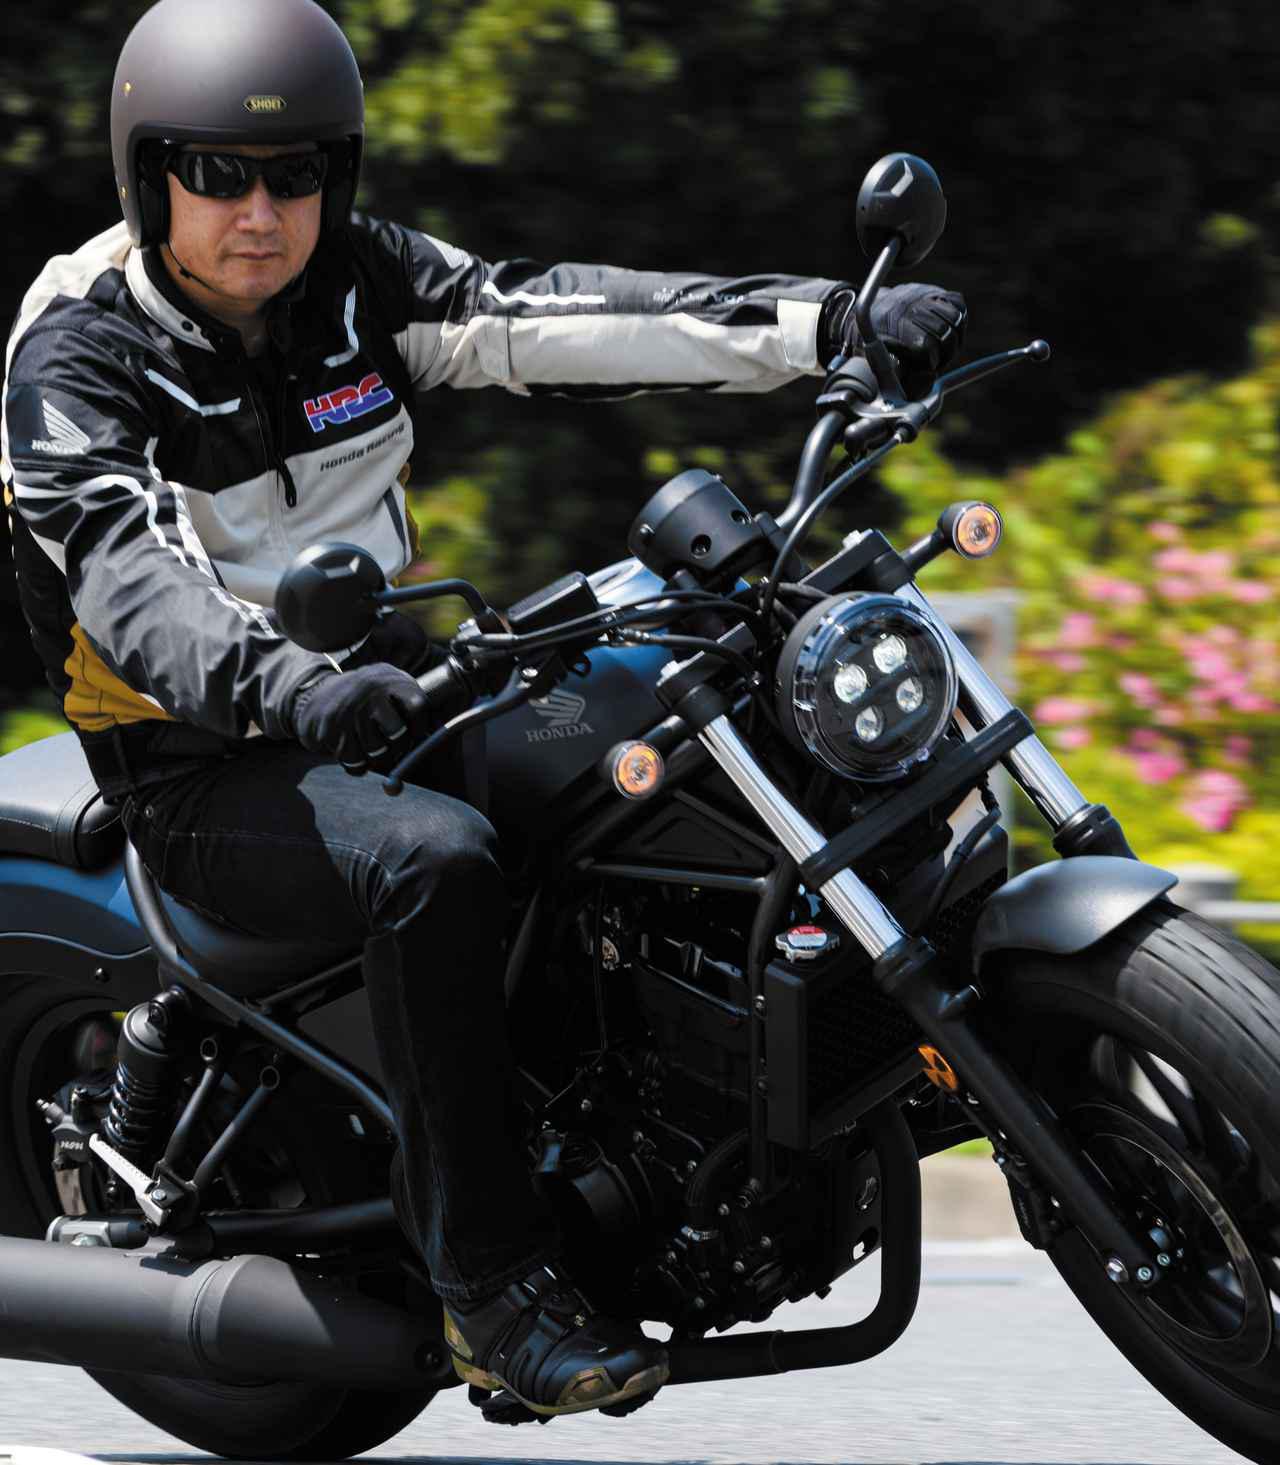 画像: 【前編】ホンダ新型「レブル250」に伊藤真一さんが初試乗! 街中、高速道路、峠での乗り味をインプレ - webオートバイ